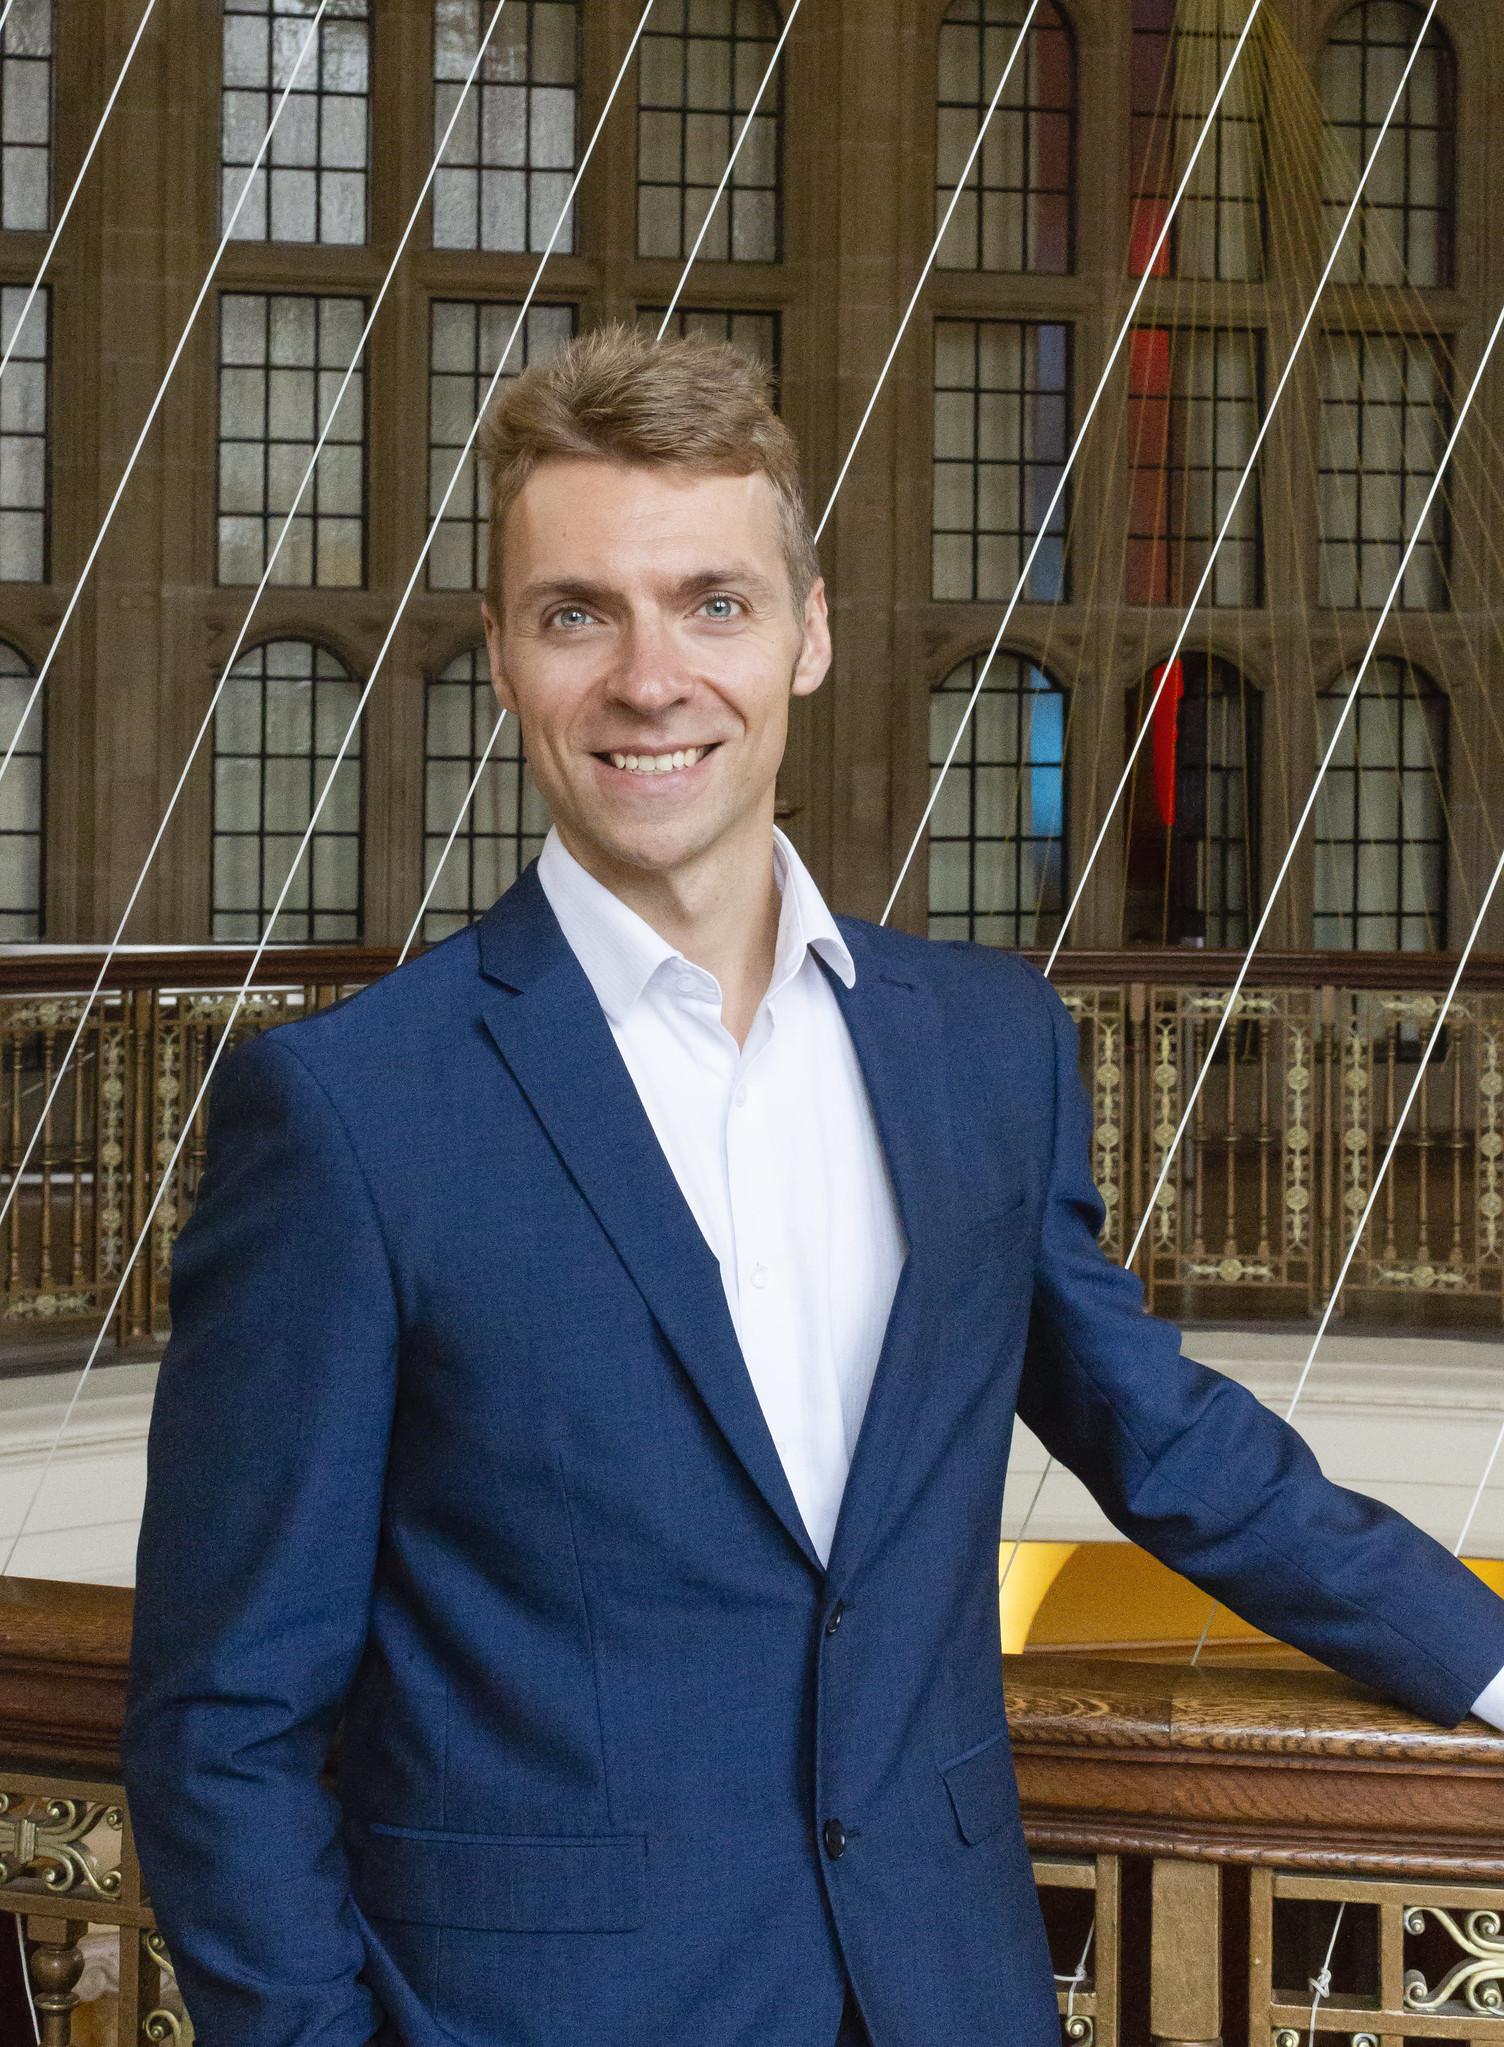 Simon Fairbanks